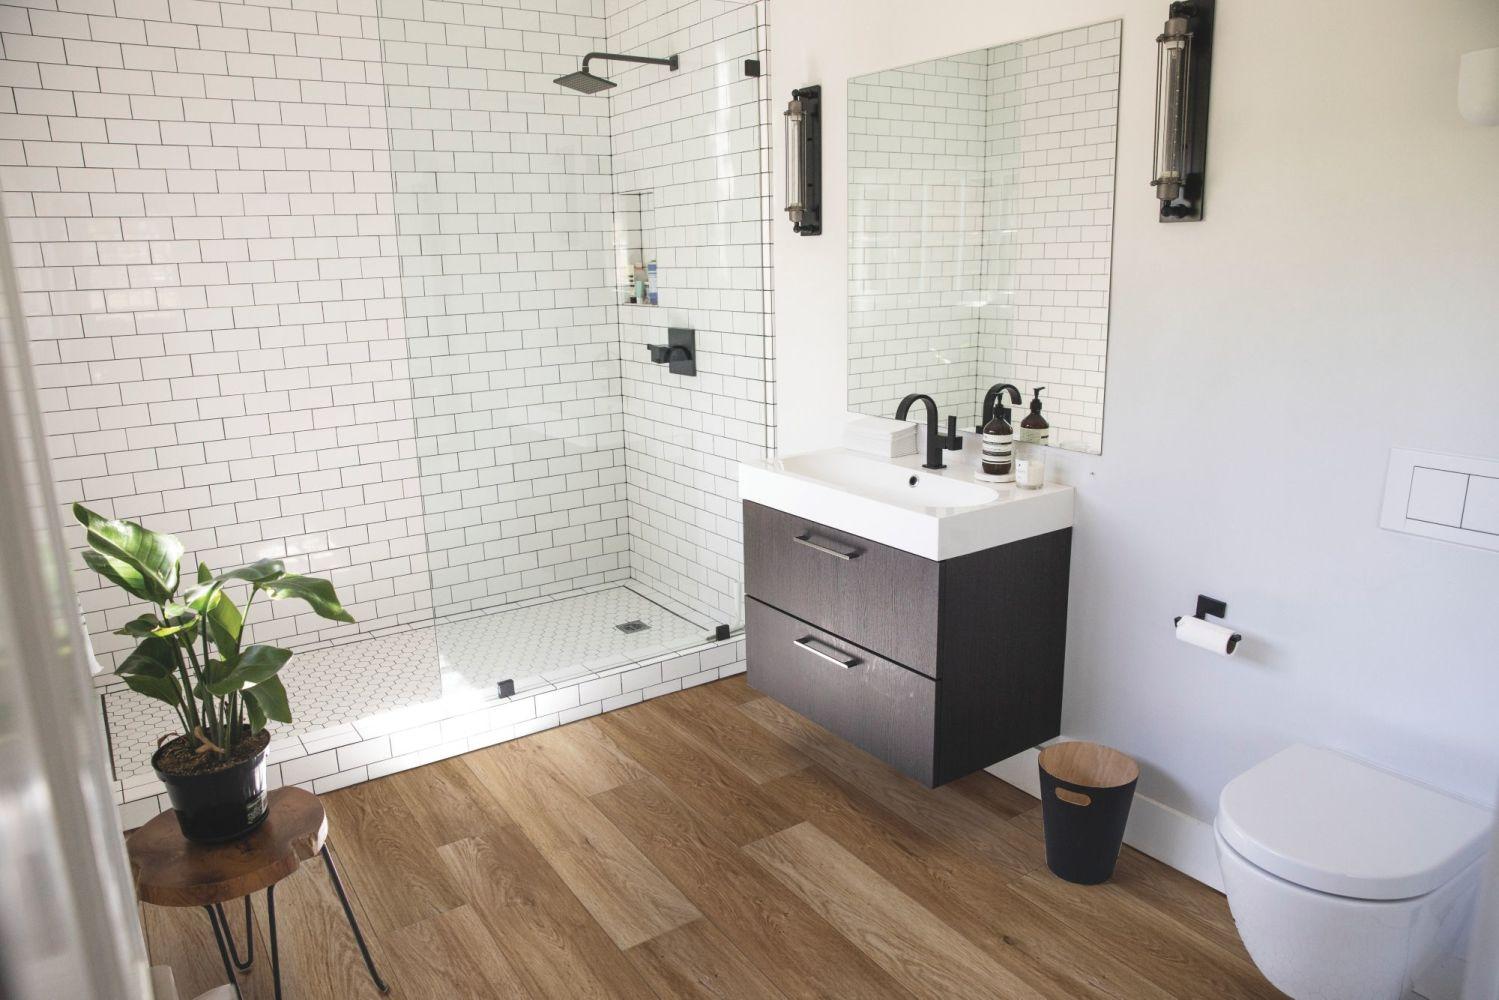 Shaw Floors Resilient Residential Enterprise 9″ Buckingham Oak 02102_345CT